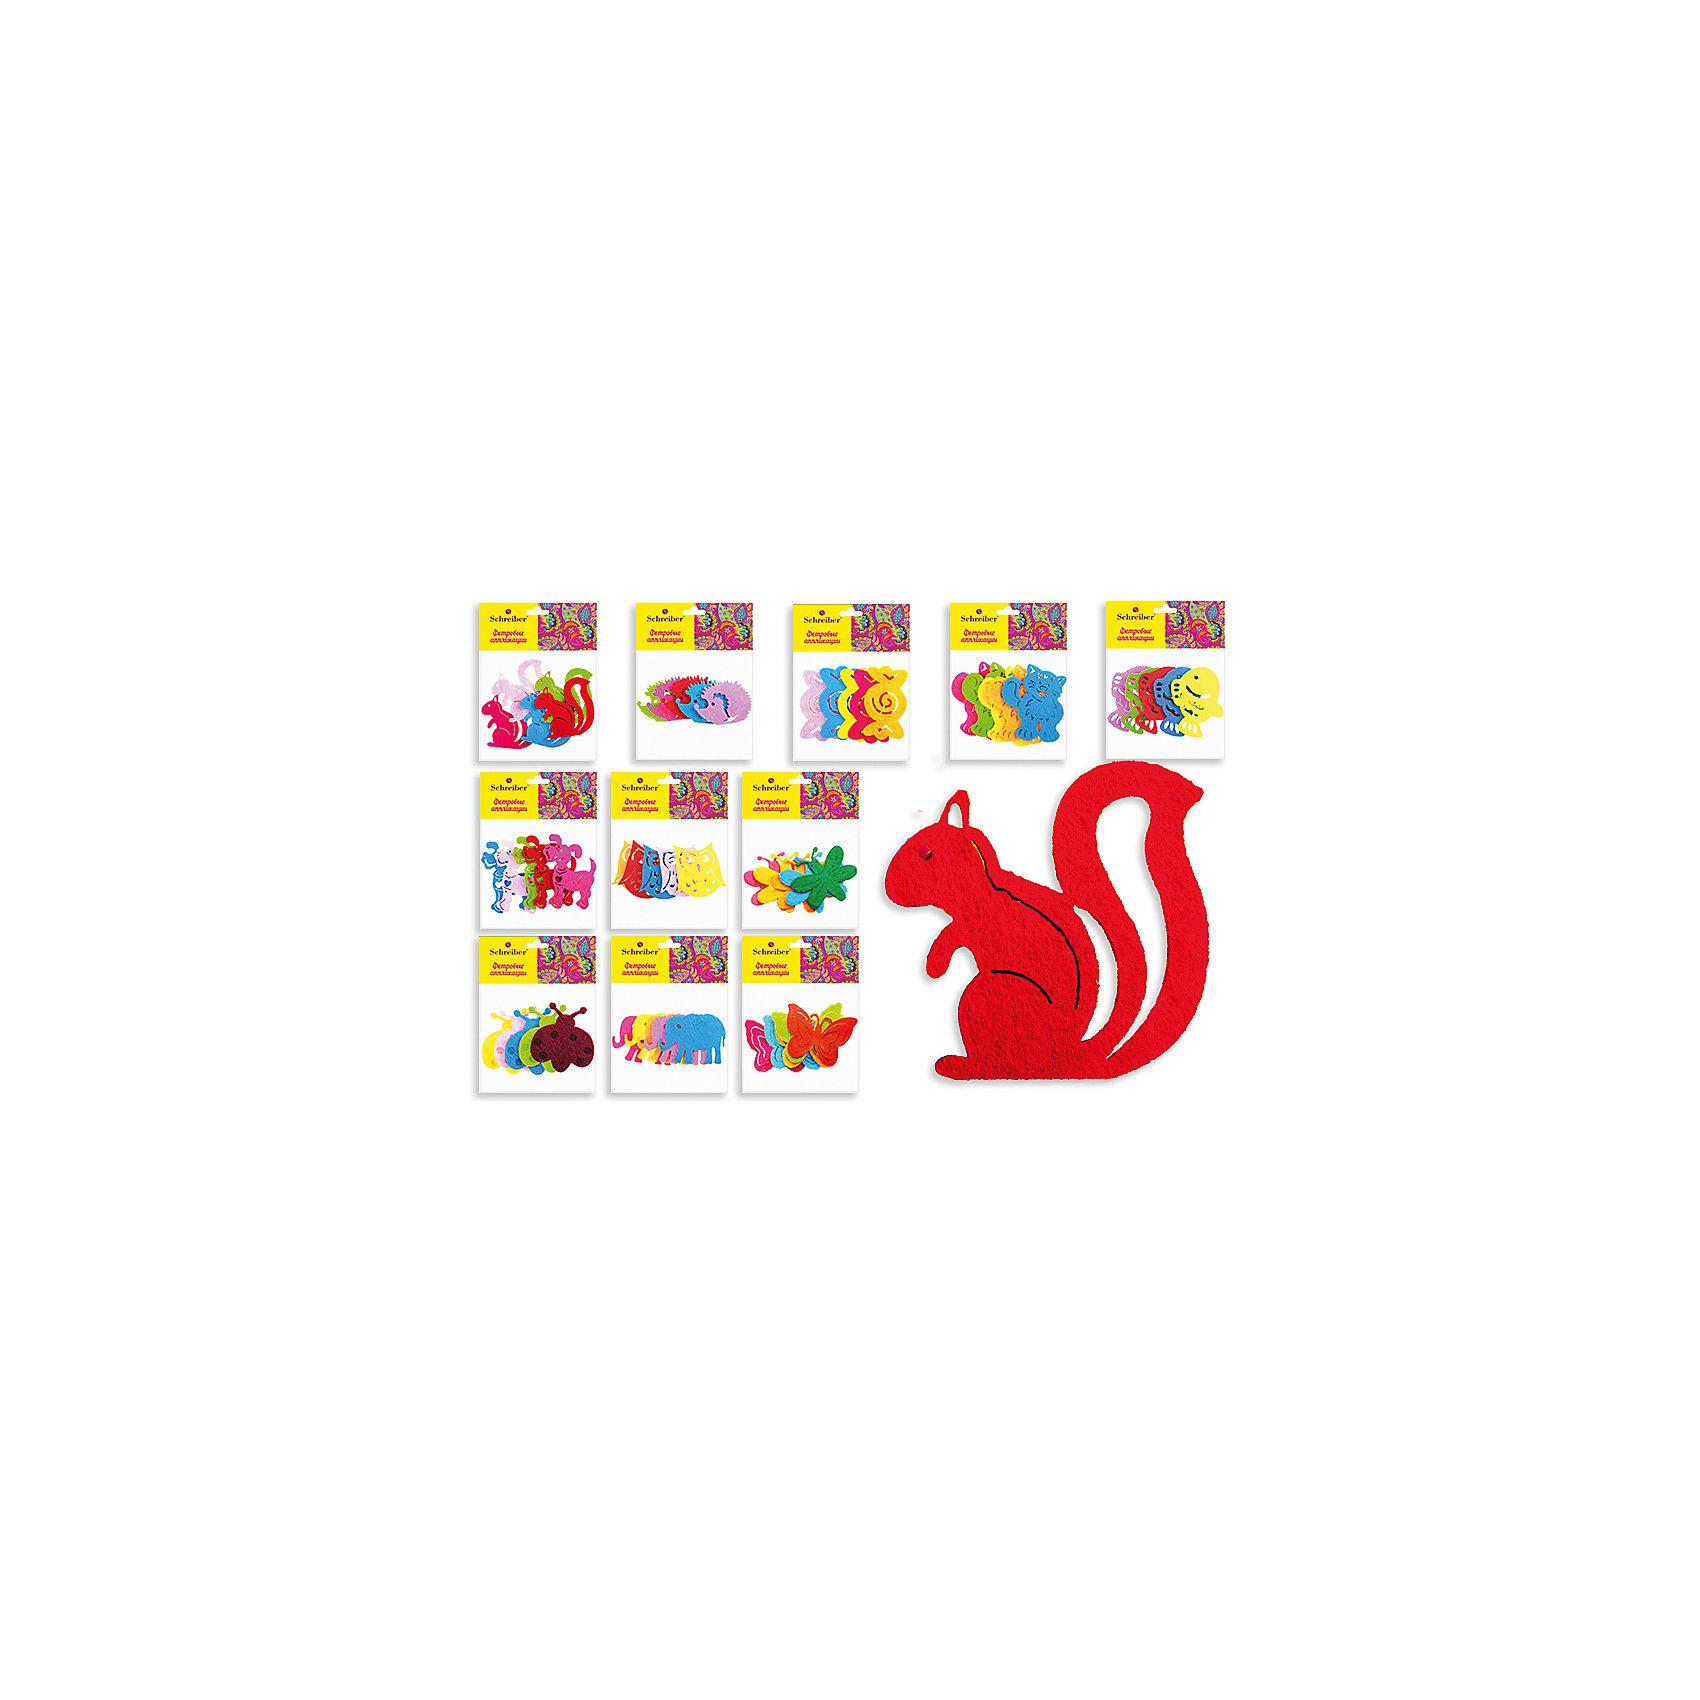 Фетровые аппликации 12*10 см (12 дизайнов в ассортименте)Последняя цена<br>Фетровые аппликации 12*10 см (12 дизайнов в ассортименте) от известного торгового бренда канцелярских товаров и товаров для творчества TUKZAR. Набор включает в себя разноцветные заготовки животных, растений и других предметов для занятий аппликацией с детьми дошкольного и младшего школьного возраста. Комплектация позволяет создавать сюжетные картинки. Кроме того, данные заготовки можно использовать в качестве меток для детской одежды.<br>Фетровые аппликации 12*10 см (12 дизайнов в ассортименте) способствуют развитию у ребенка внимания, усидчивости, воображения и фантазии.<br><br>Дополнительная информация:<br><br>- Предназначение: для аппликаций<br>- Материал: фетр<br>- Комплектация: 12 дизайнов (бабочки, белочки, слоники,ежики, котята, рыбки, собачки и др.)<br>- Размеры упаковки (Д*В): 10*12 см<br>- Упаковка: полиэтилен<br><br>Подробнее:<br><br>• Для детей в возрасте: от 3 лет <br>• Страна производитель: Китай<br>• Торговый бренд: TUKZAR<br><br>Фетровые аппликации 12*10 см (12 дизайнов в ассортименте) можно купить в нашем интернет-магазине.<br><br>Ширина мм: 120<br>Глубина мм: 100<br>Высота мм: 10<br>Вес г: 50<br>Возраст от месяцев: 36<br>Возраст до месяцев: 72<br>Пол: Унисекс<br>Возраст: Детский<br>SKU: 5001406